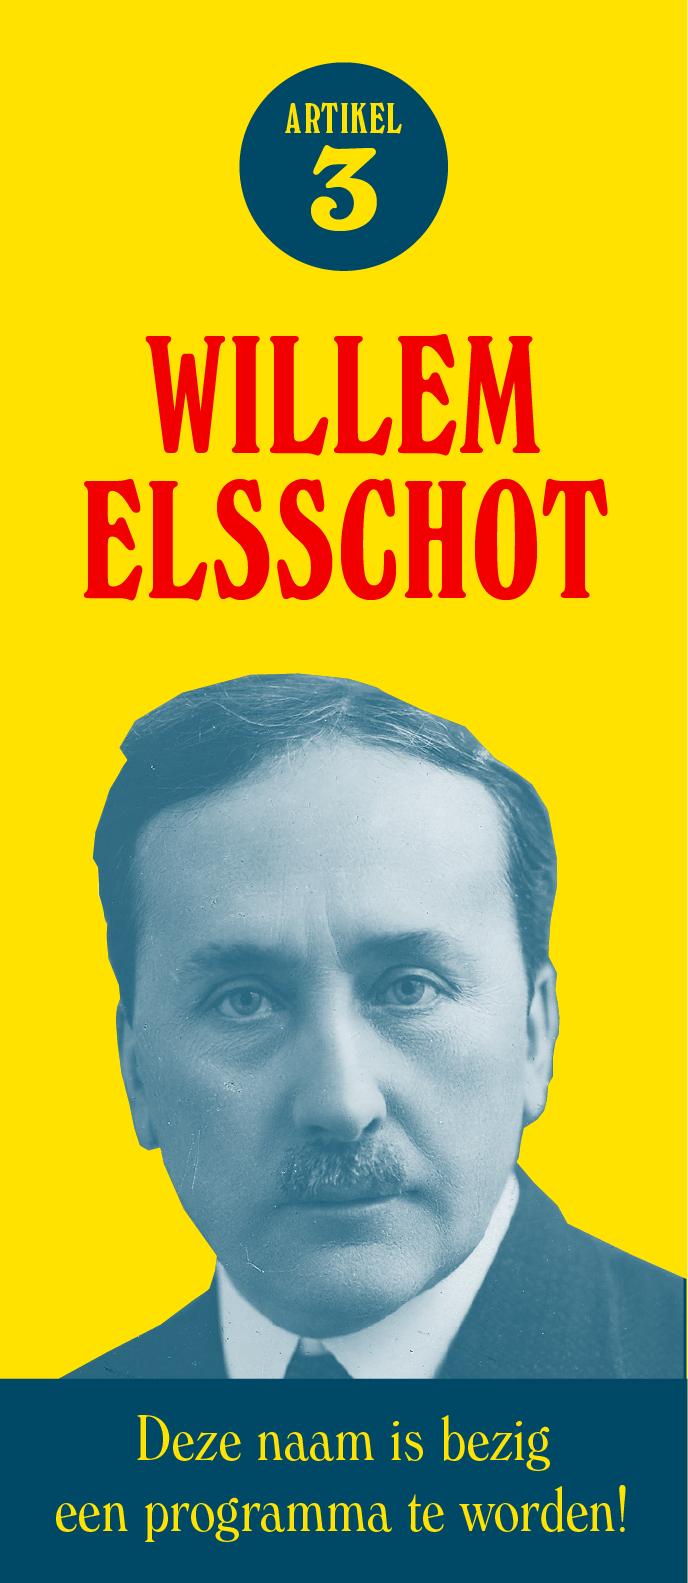 Willem Elsschot